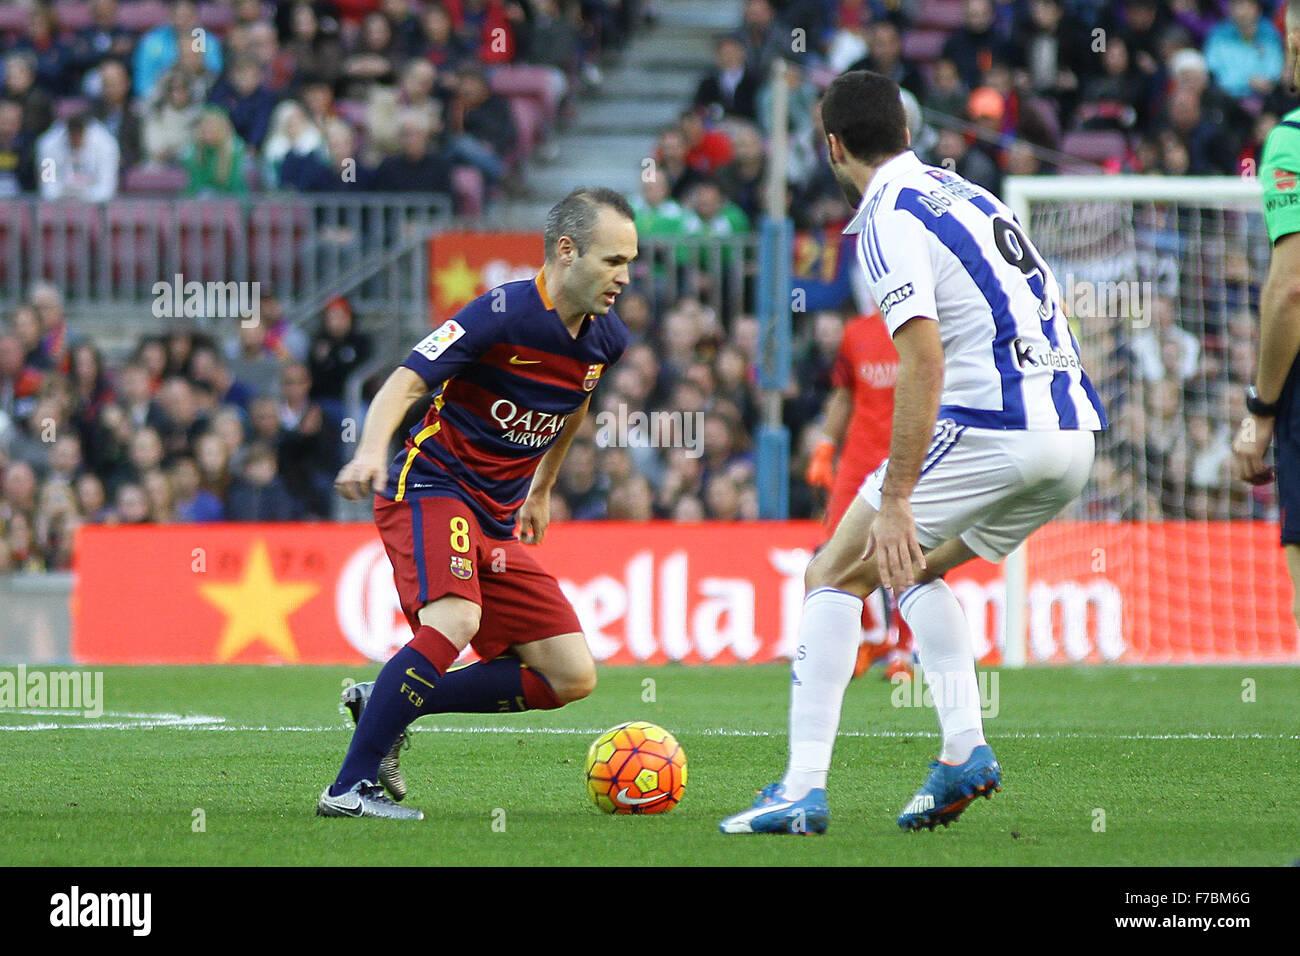 Nou Camp, Barcelona, Spain. 28th Nov, 2015. La Liga. Barcelona versus Real Sociedad. Iniesta challenged by Aguirretxe - Stock Image